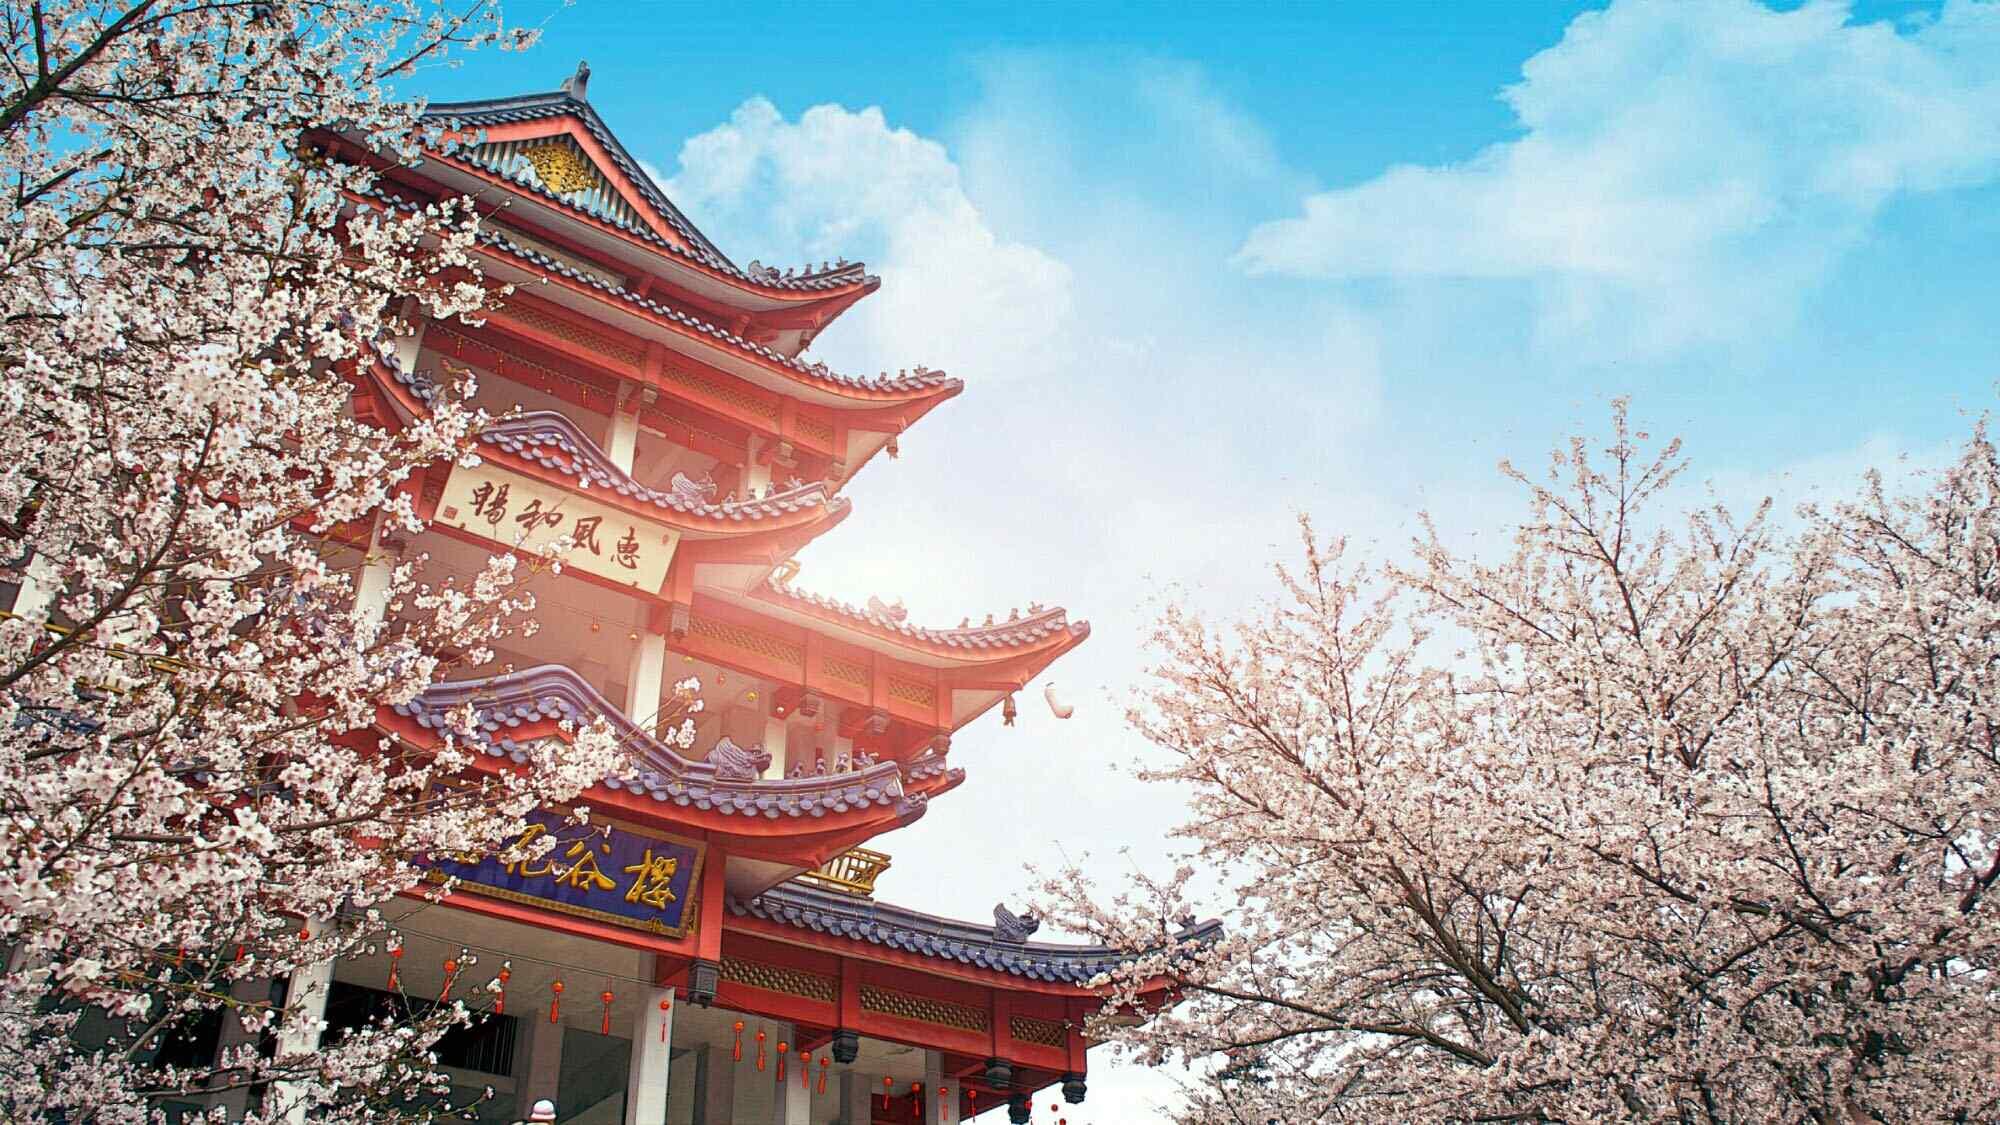 高清樱花树-二次元唯美樱花壁纸-下载壁纸图片唯美动态壁纸-二次元